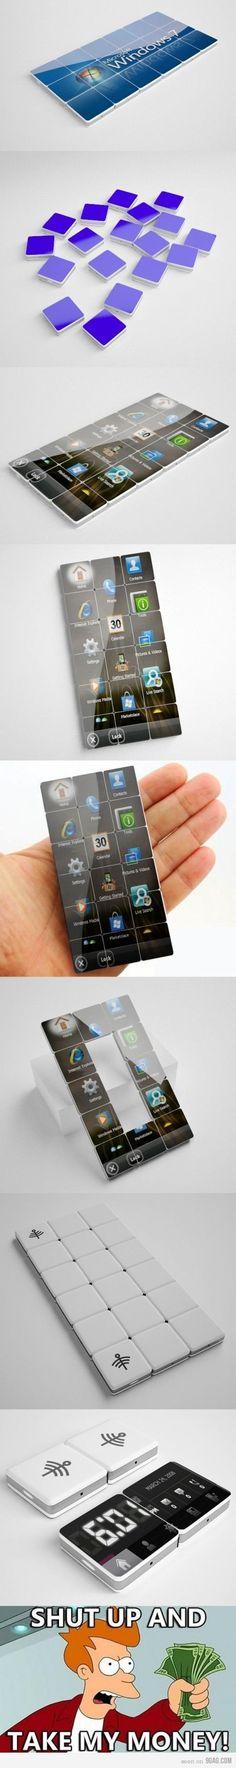 new kind of smartphones... aunque, con win7??? dejame masticarlo...